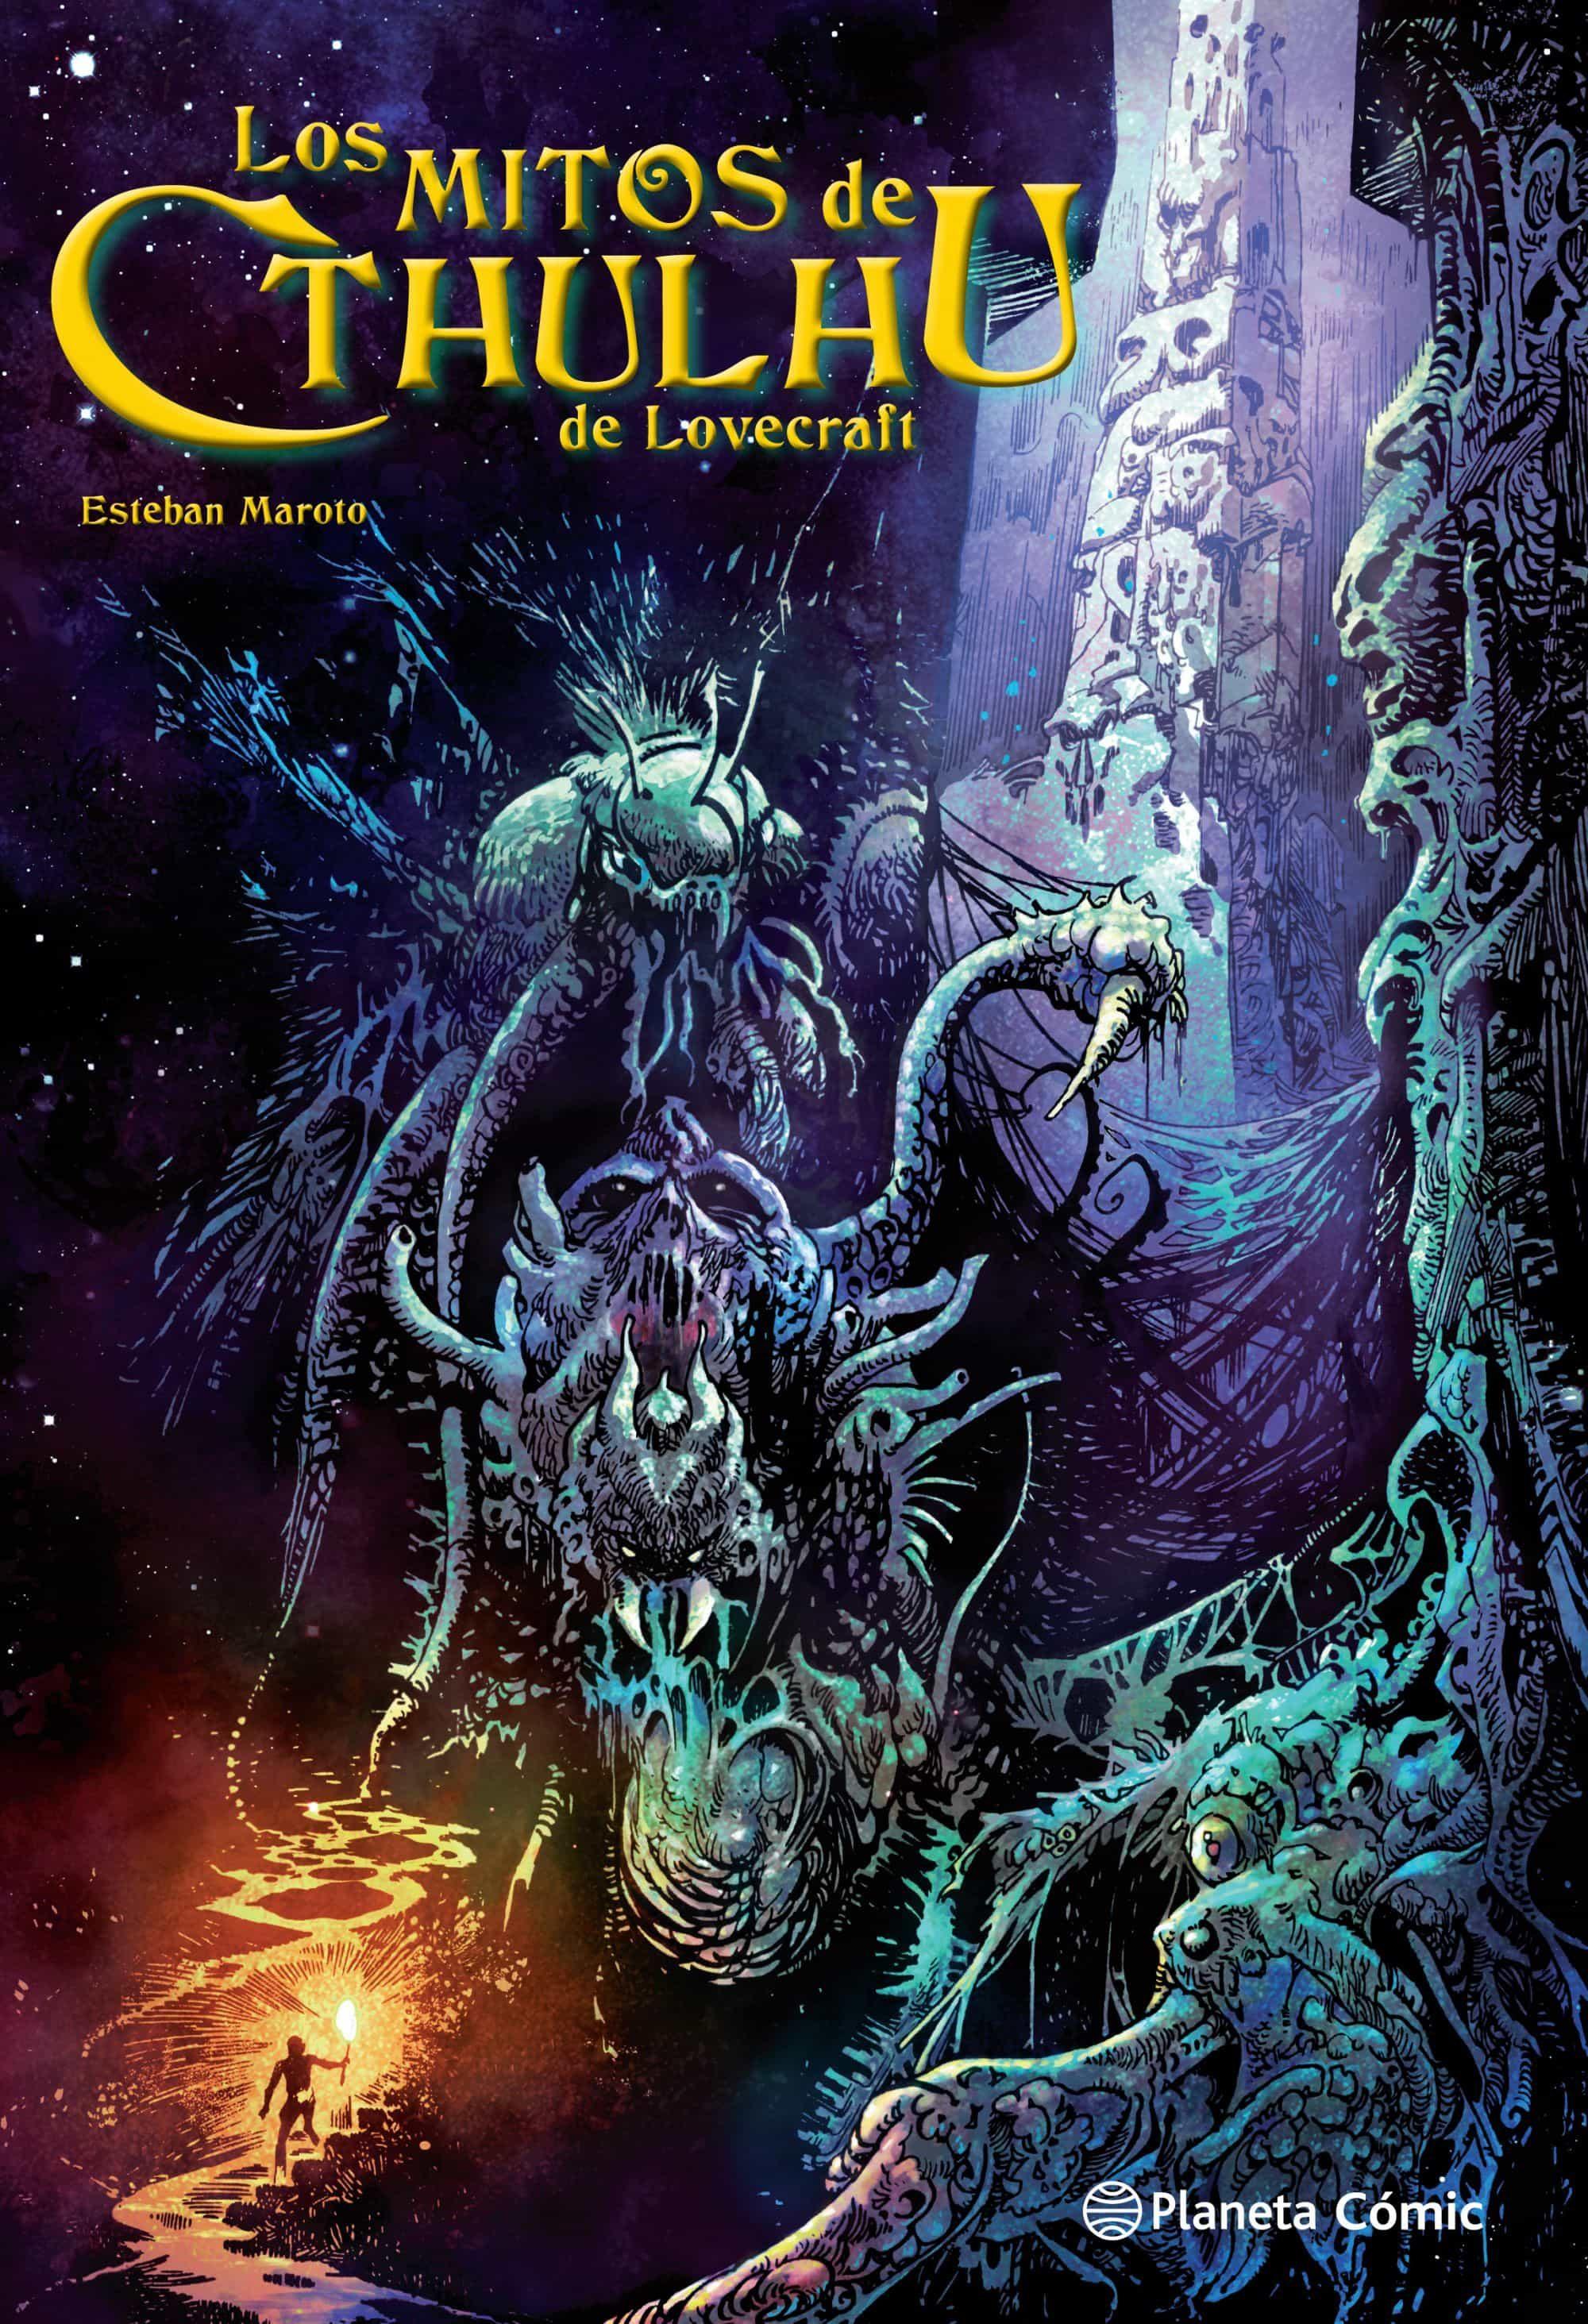 Los Mitos De Cthulhu De Lovecraft por Esteban Maroto;                                                                                                                                                                                                                                   H.p.